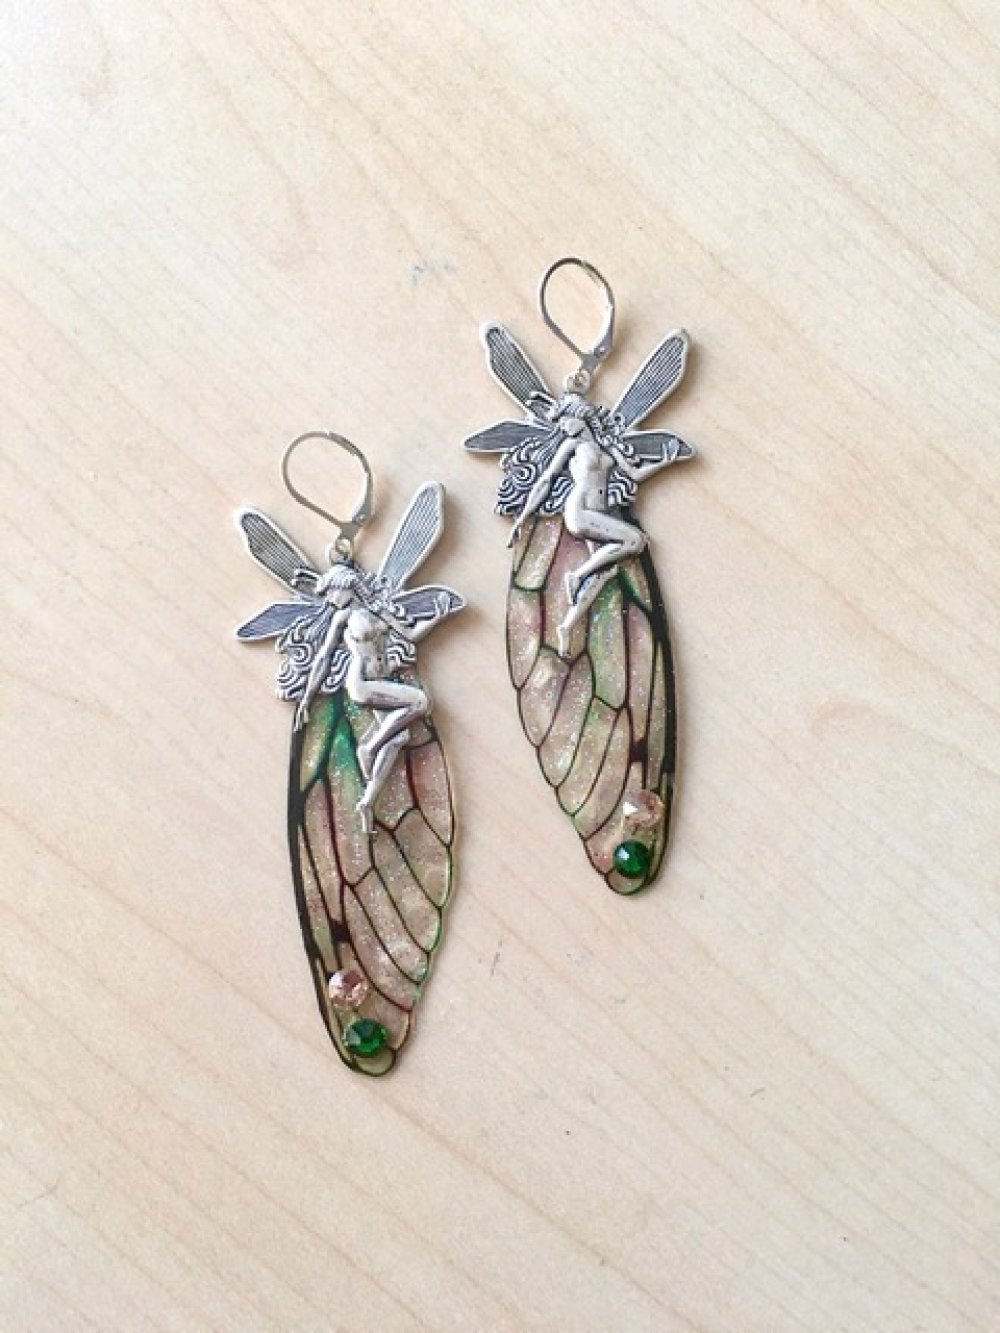 Longues boucles d'oreilles argent 925 avec aile de fée vert et rose et elfe argent